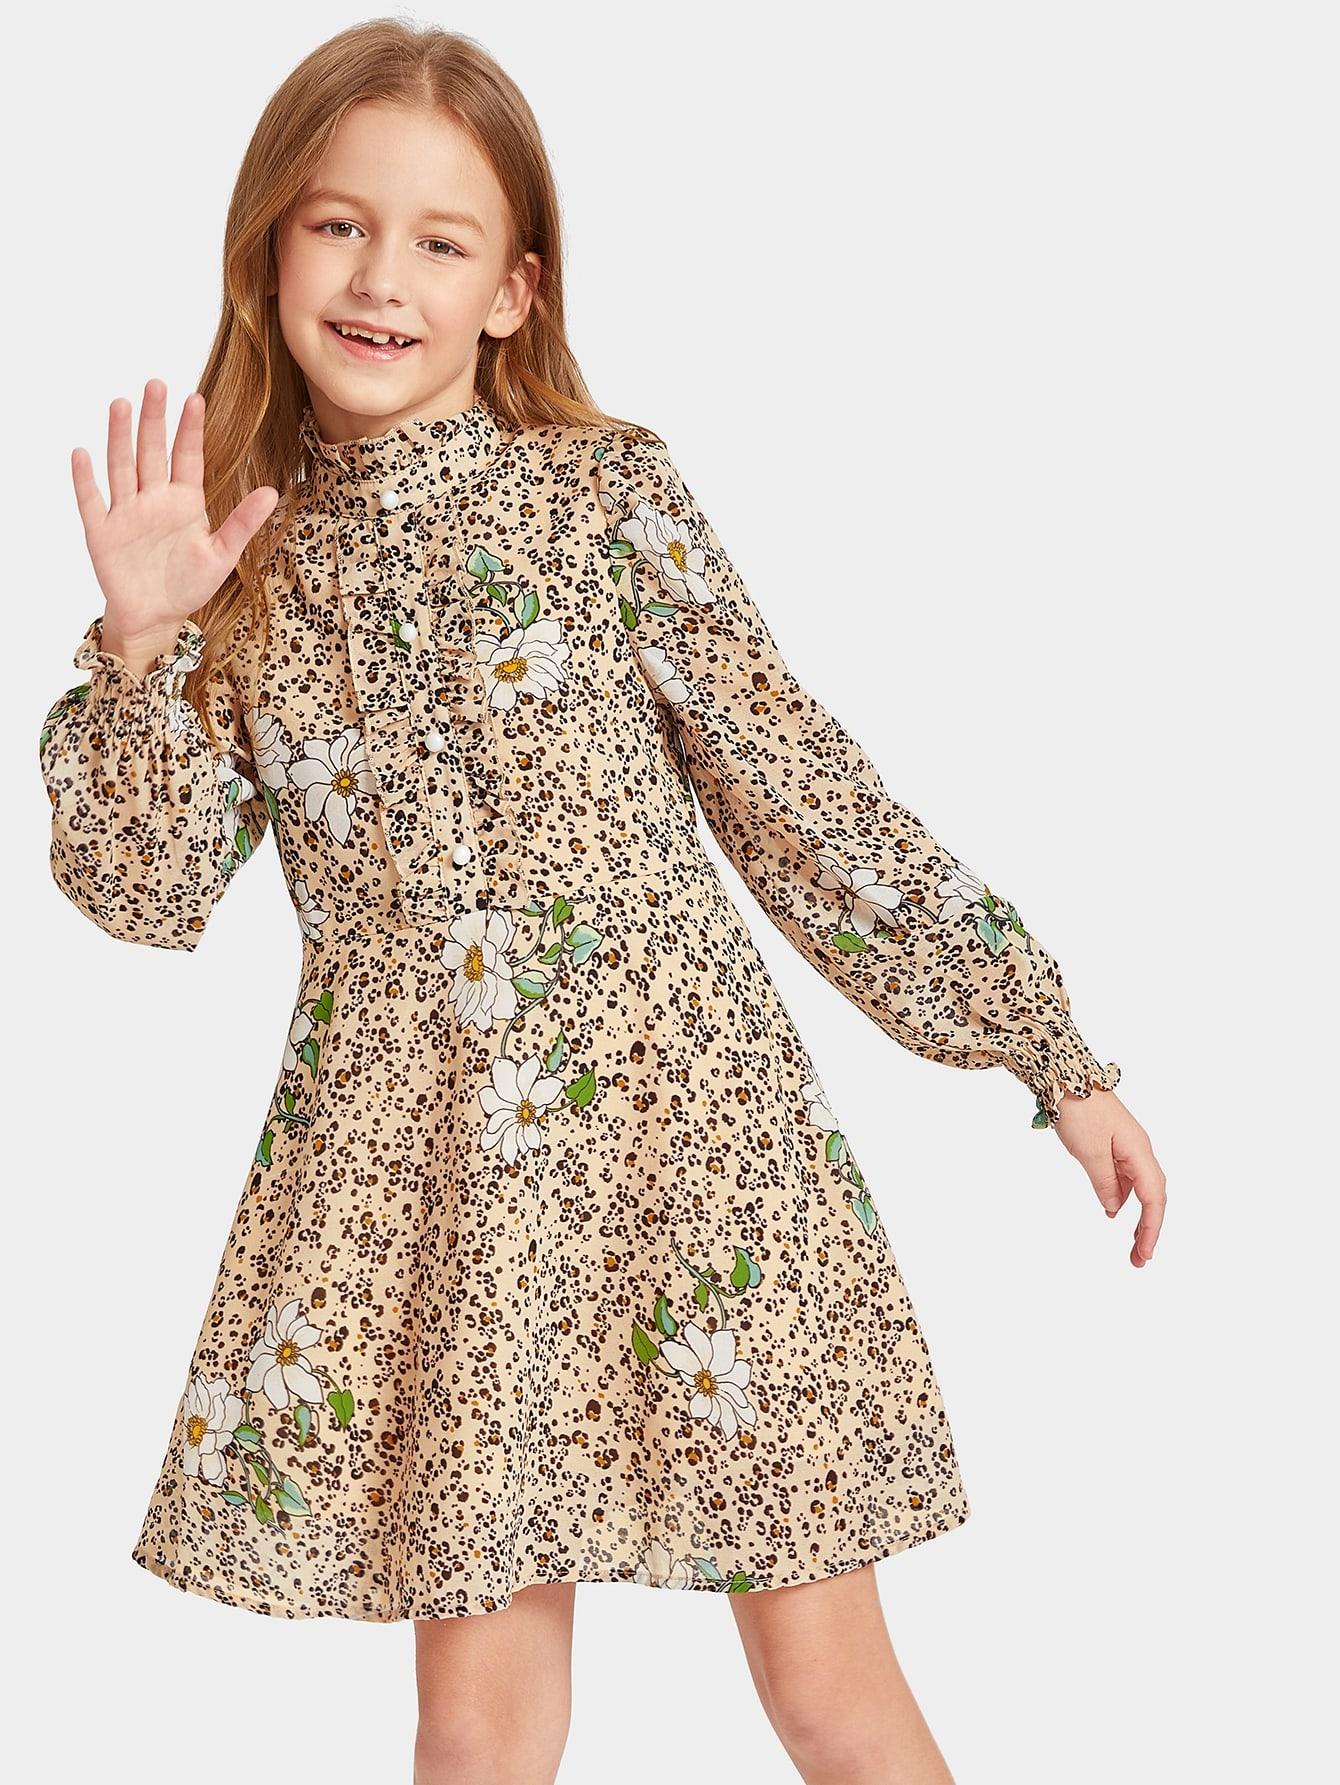 Купить Платье с леопардово-цветочным принтом рюшами и пуговицами для девочек, Sashab, SheIn